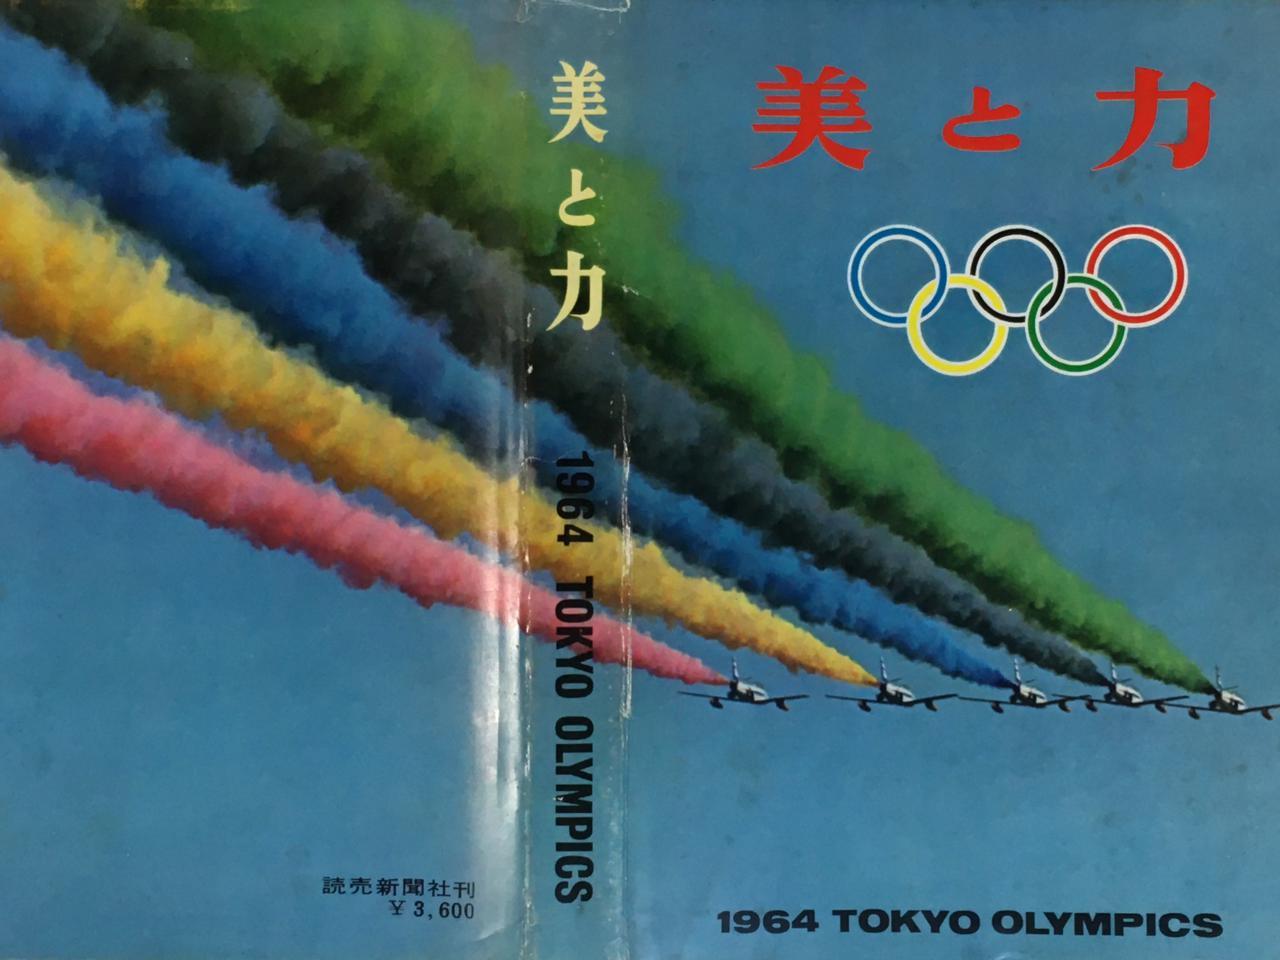 画像: 読売新聞五輪写真集「美と力」の表紙写真。ブルーの5機デルタ編隊のカラースモーク飛行シーンが使われた。